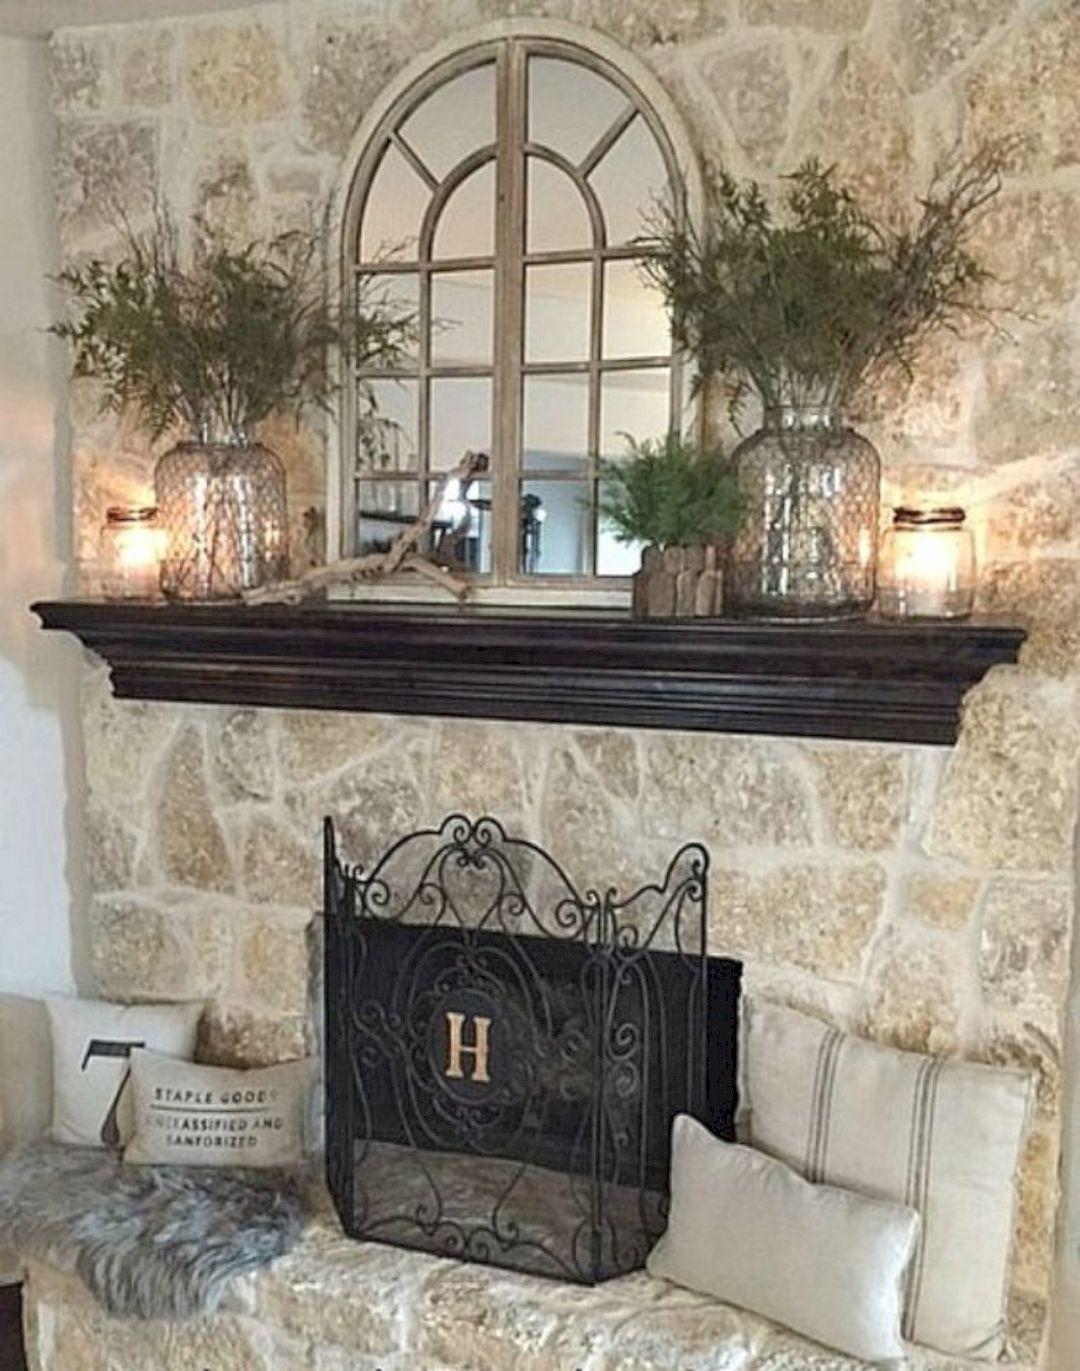 7 Mesmerizing Fireplace Decorating Ideas Fireplace Mantle Decor Fireplace Mantel Decor Home